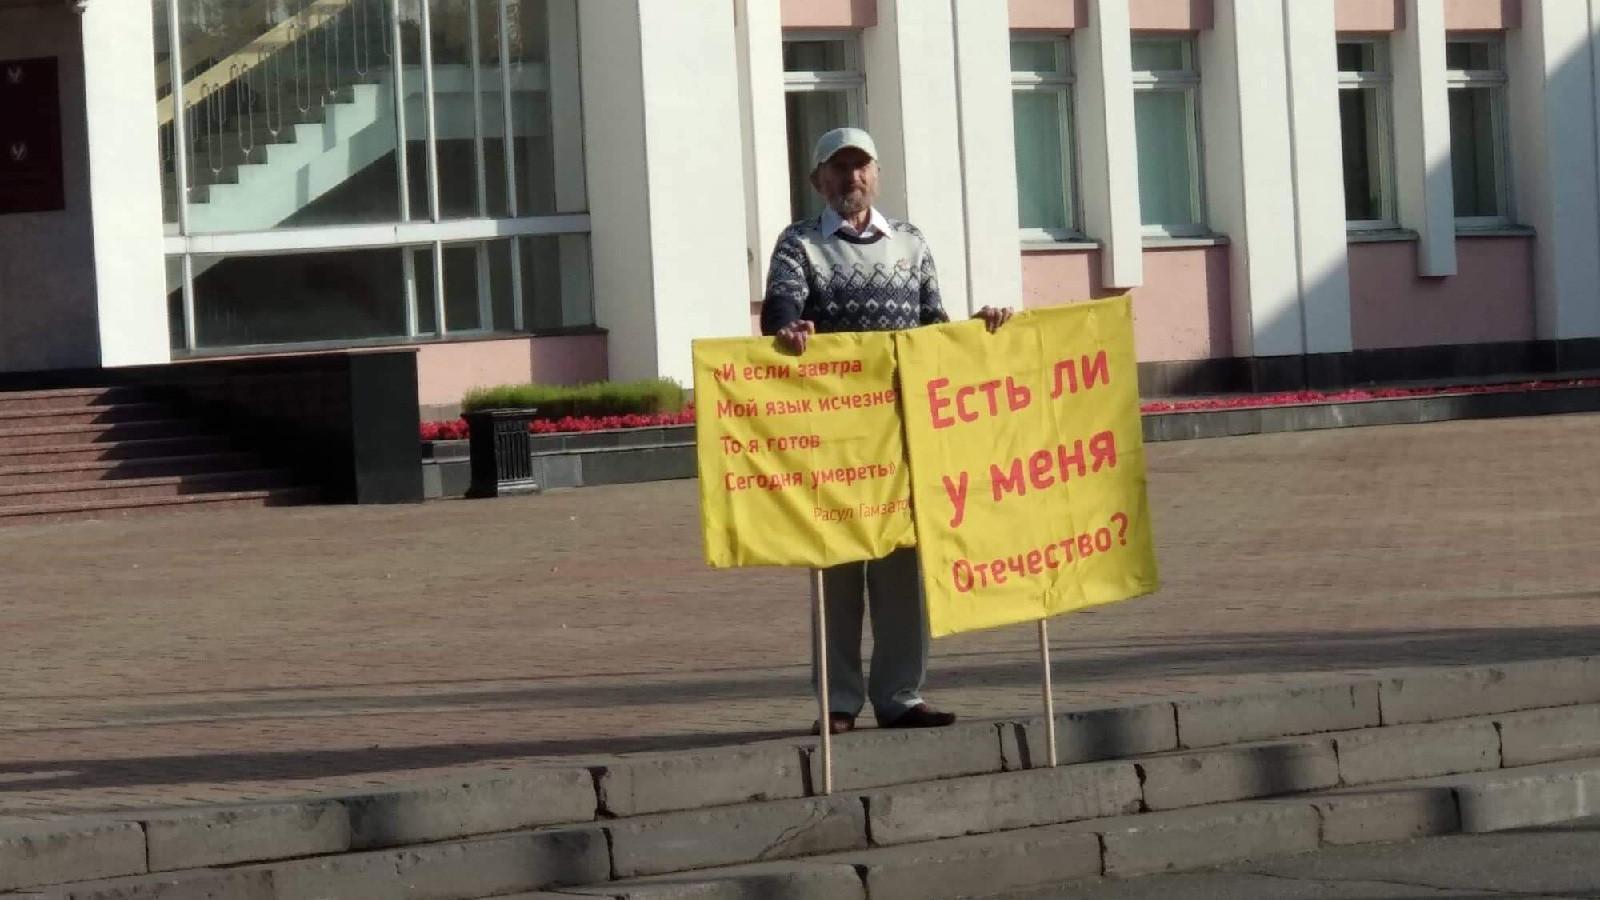 Фото © VK / ЗИ — ЗЛОЙ ИЖЕВЧАНИН   ИЖЕВСК